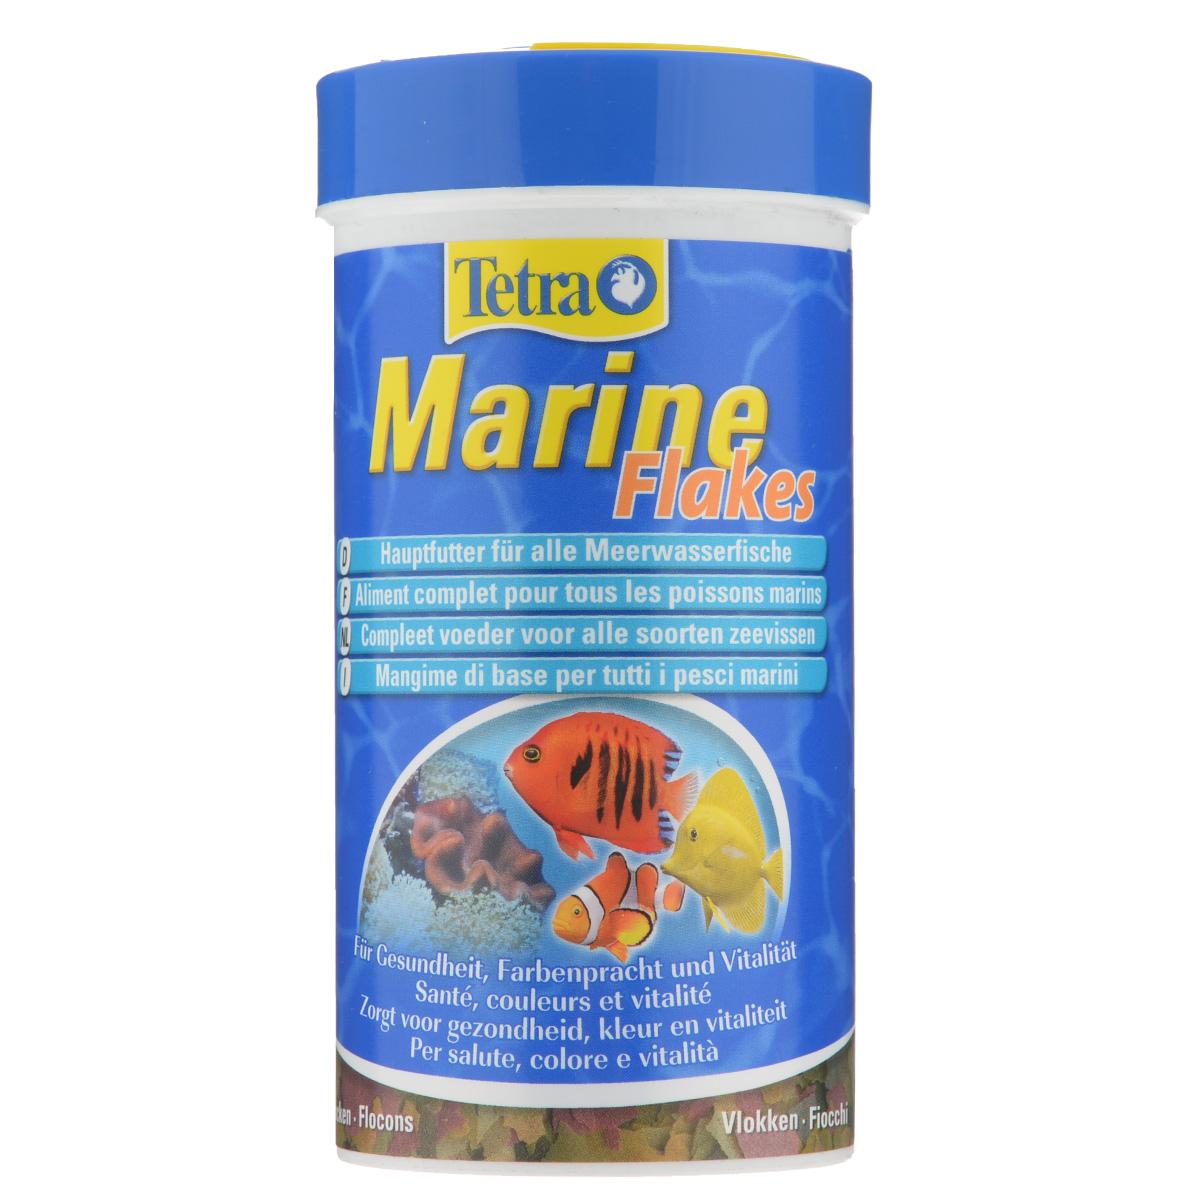 Корм Tetra Marine Flakes для любых морских рыб, в виде в хлопьев, 250 мл750852Корм Tetra Marine Flakes - полноценный основной корм для мелких и крупных морских рыб в виде хлопьев. Идеально сбалансированные компоненты (фукус, водоросли спирулины, высококачественные рыбные жиры и морские креветки) гарантируют полноценное и здоровое питание. Стандартные и крупные хлопья (XL) являются идеальным кормом для рыб средних и больших размеров. Рекомендации по кормлению: кормить несколько раз в день маленькими порциями. Характеристики: Состав: рыба и побочные рыбные продукты, растительные продукты, экстракты растительного белка, дрожжи, зерновые культуры, масла и жиры, водоросли, минеральные вещества. Пищевая ценность: сырой белок - 46%, сырые масла и жиры - 8,5%, сырая клетчатка - 2%, влага - 6%. Добавки: витамины, провитамины и химические вещества с аналогичным воздействием, витамин А 36400 МЕ/кг, витамин Д3 2045 МЕ/кг. Комбинации элементов: Е5 Марганец 78 мг/кг, Е6 Цинк 46 мг/кг, Е1 Железо...